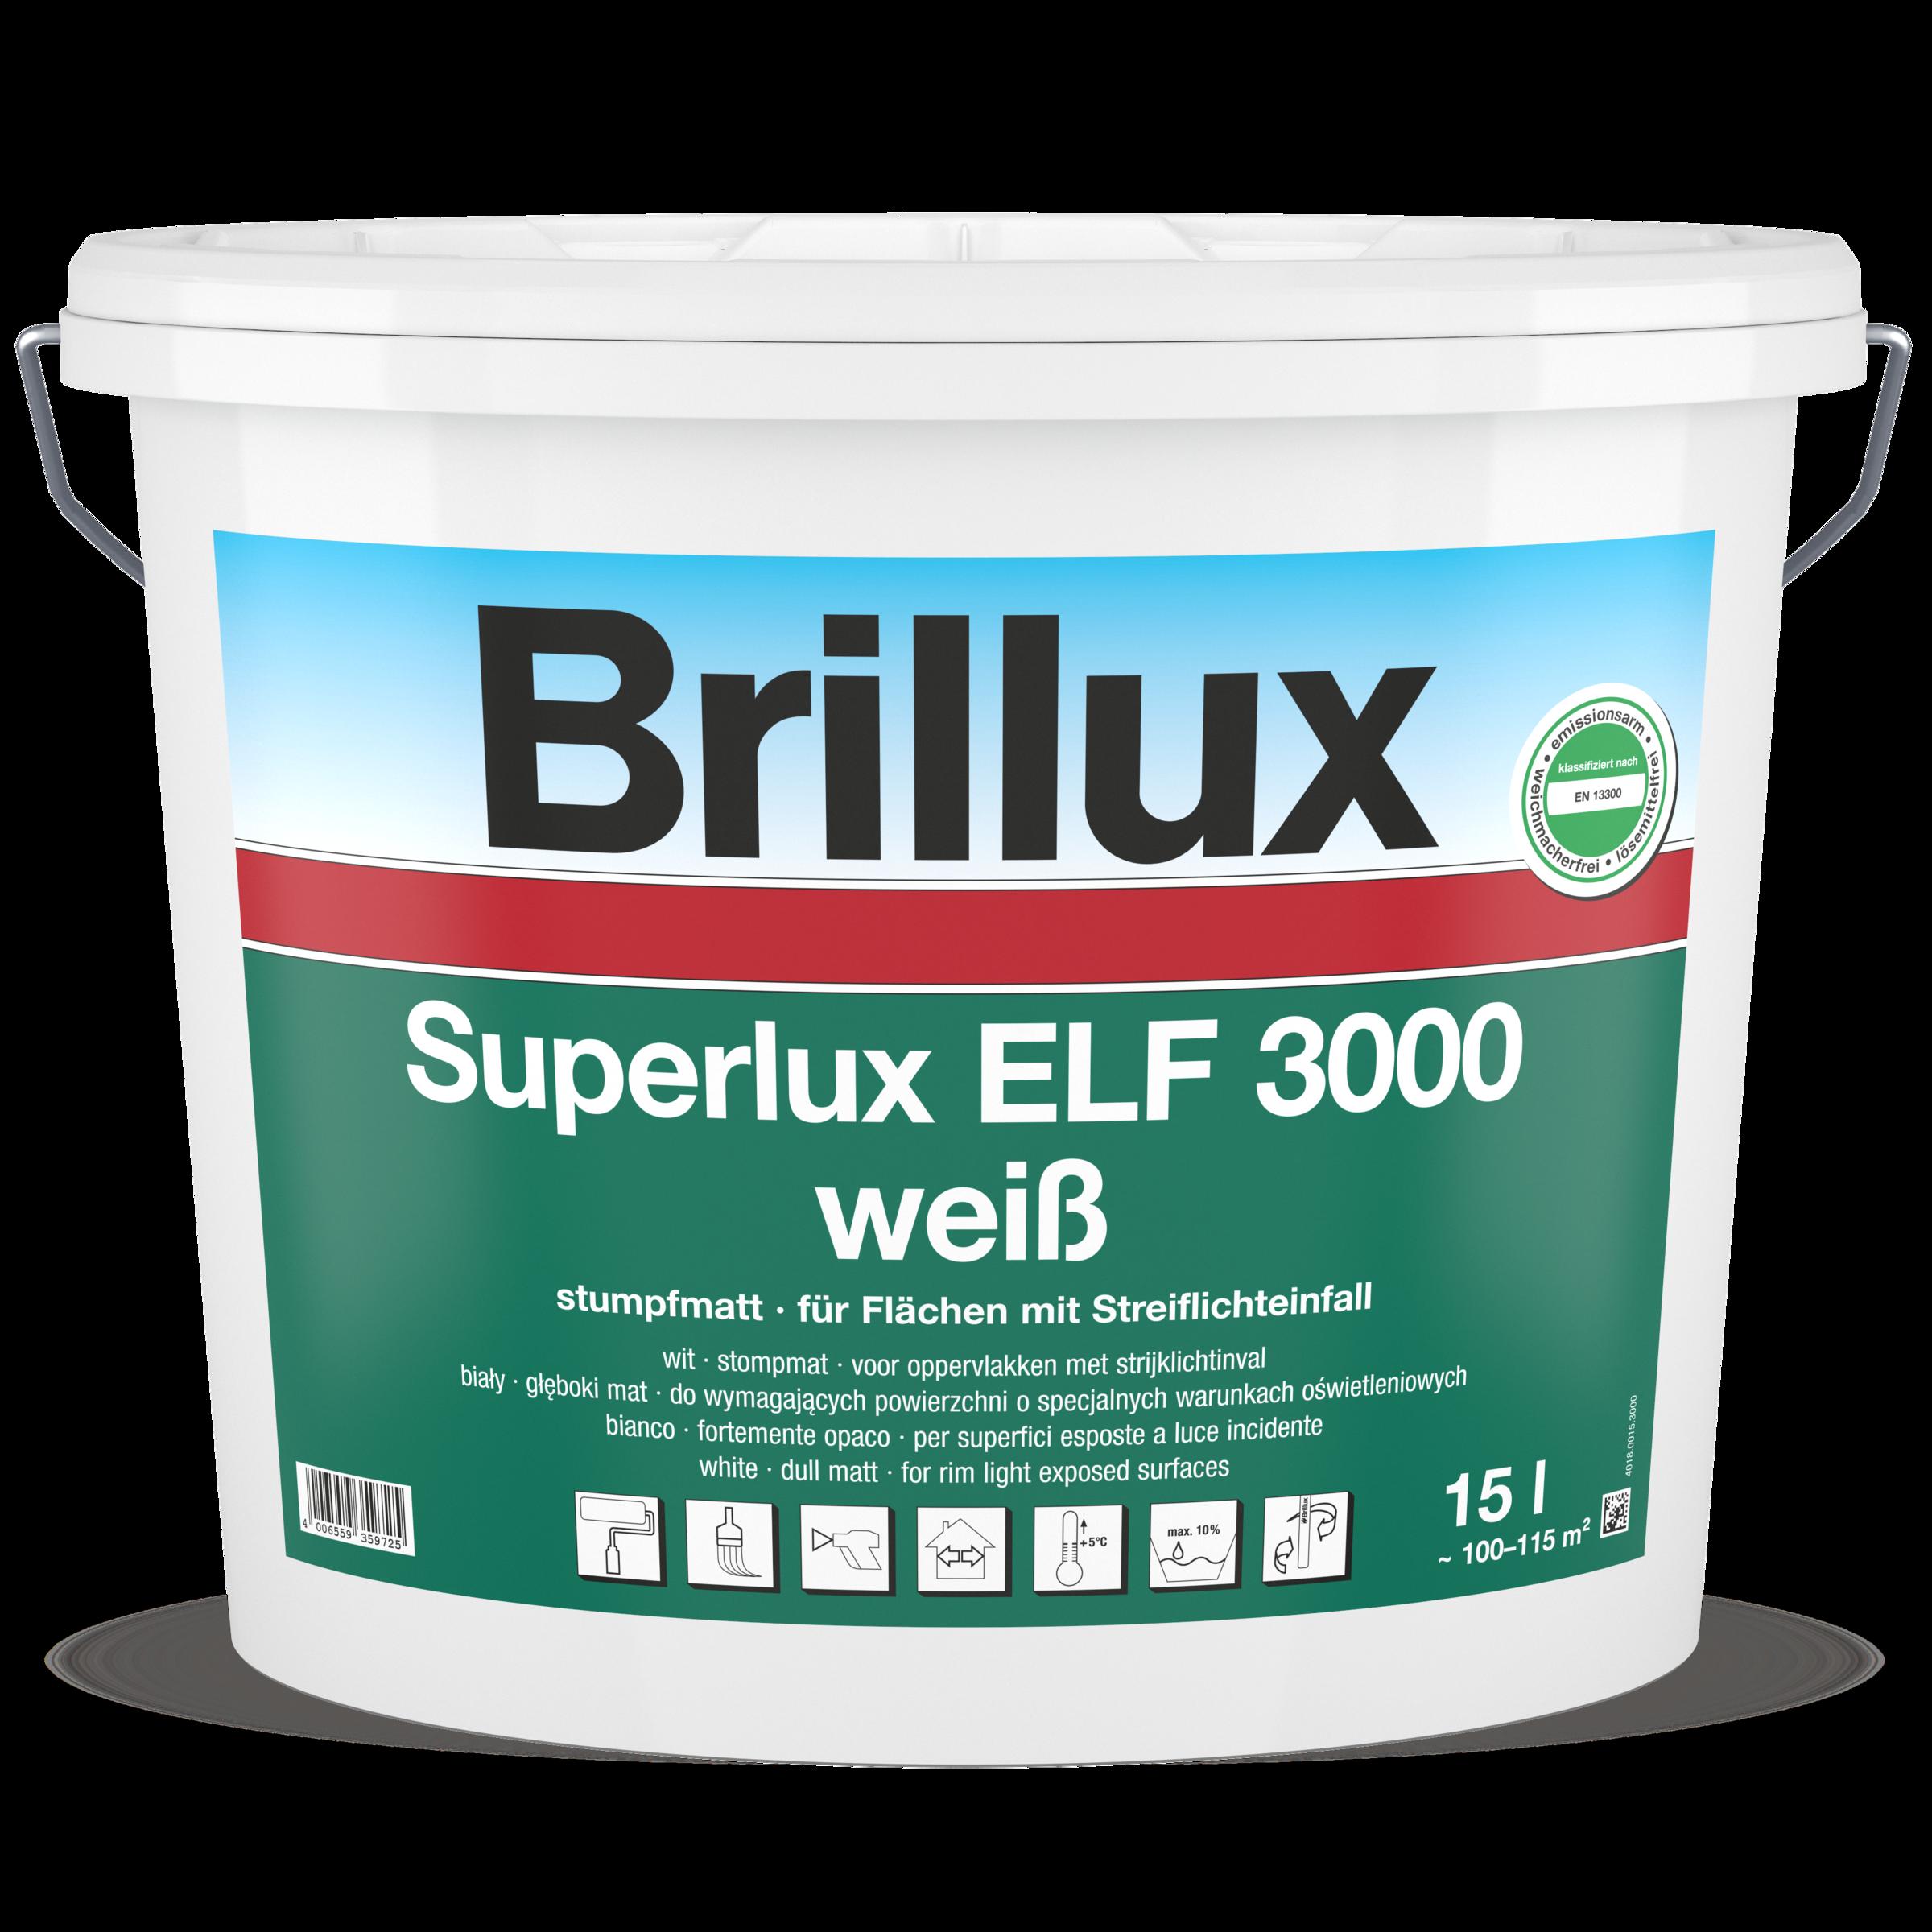 Superlux ELF 3000 - Farbton weiß